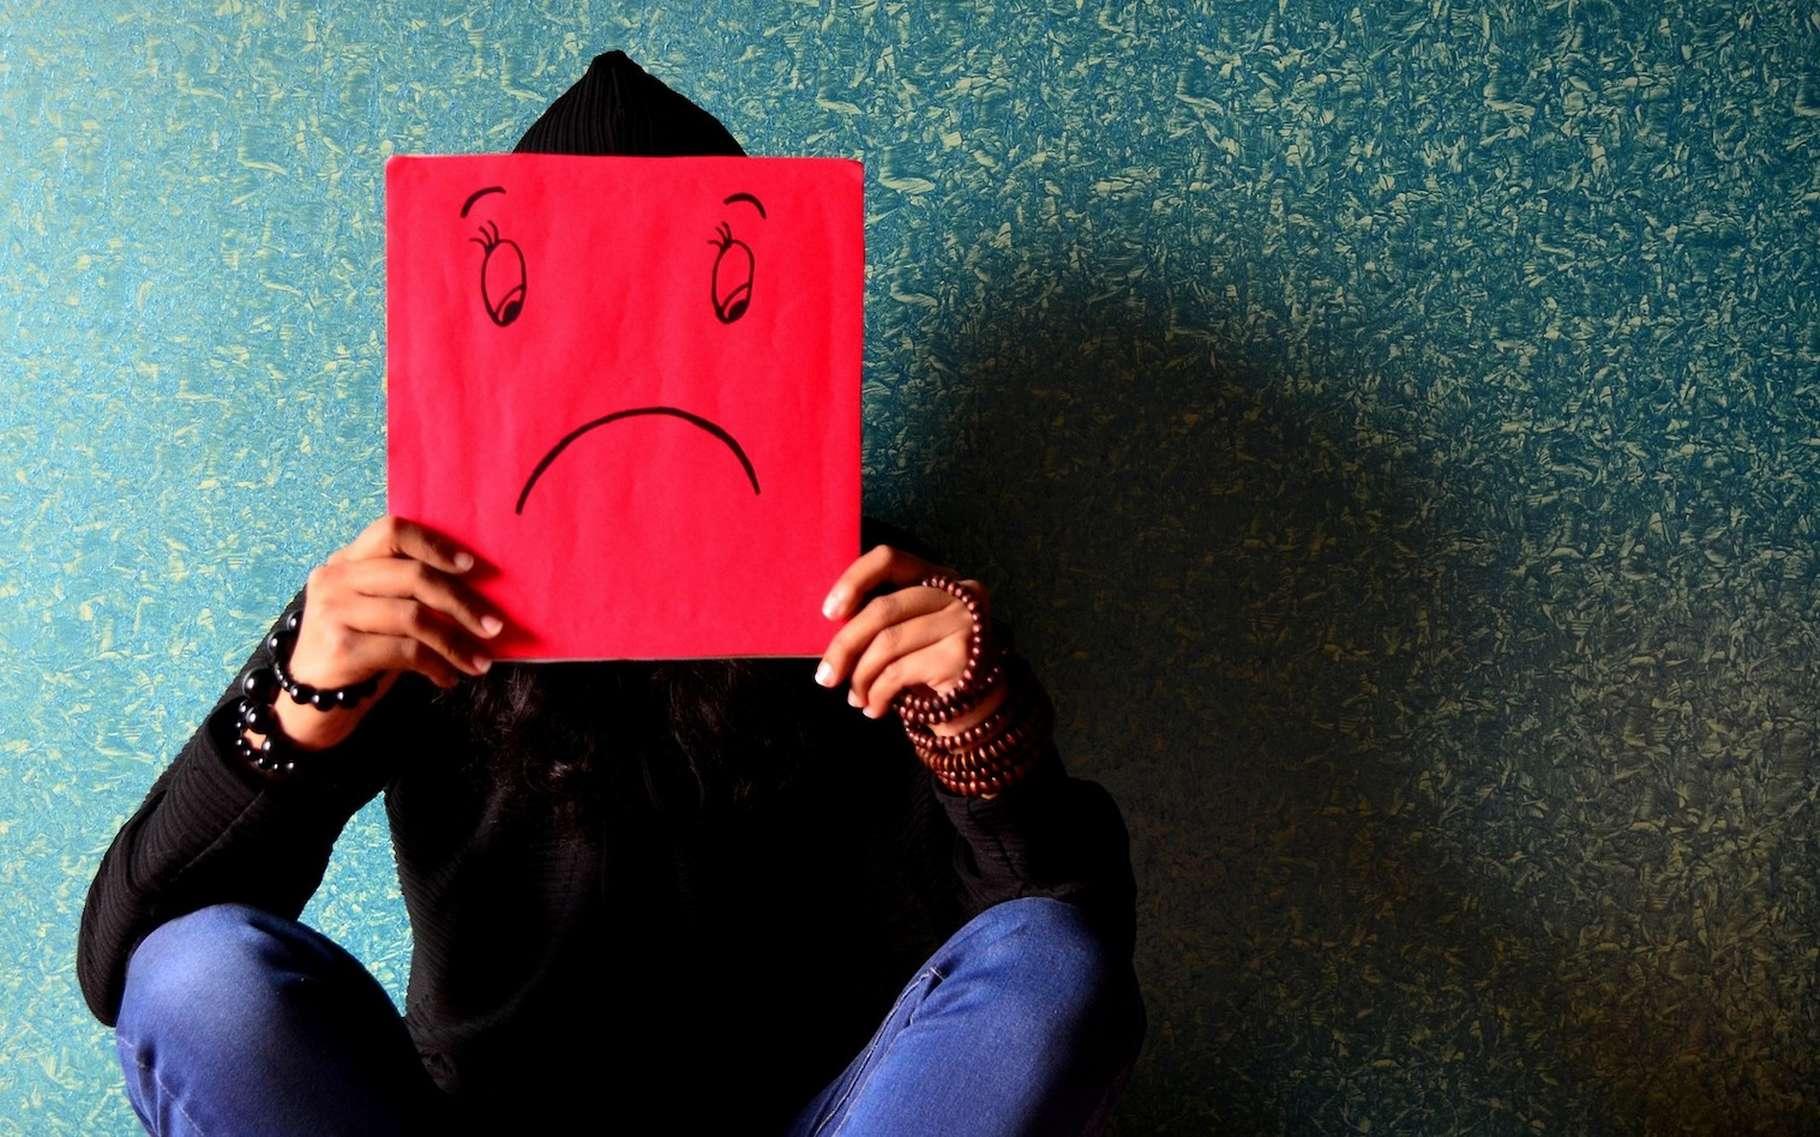 Une situation de stress subie en début de vie et notre cerveau se développe différemment de celui des autres. © PDPics, Pixabay, CC0 Creative Commons